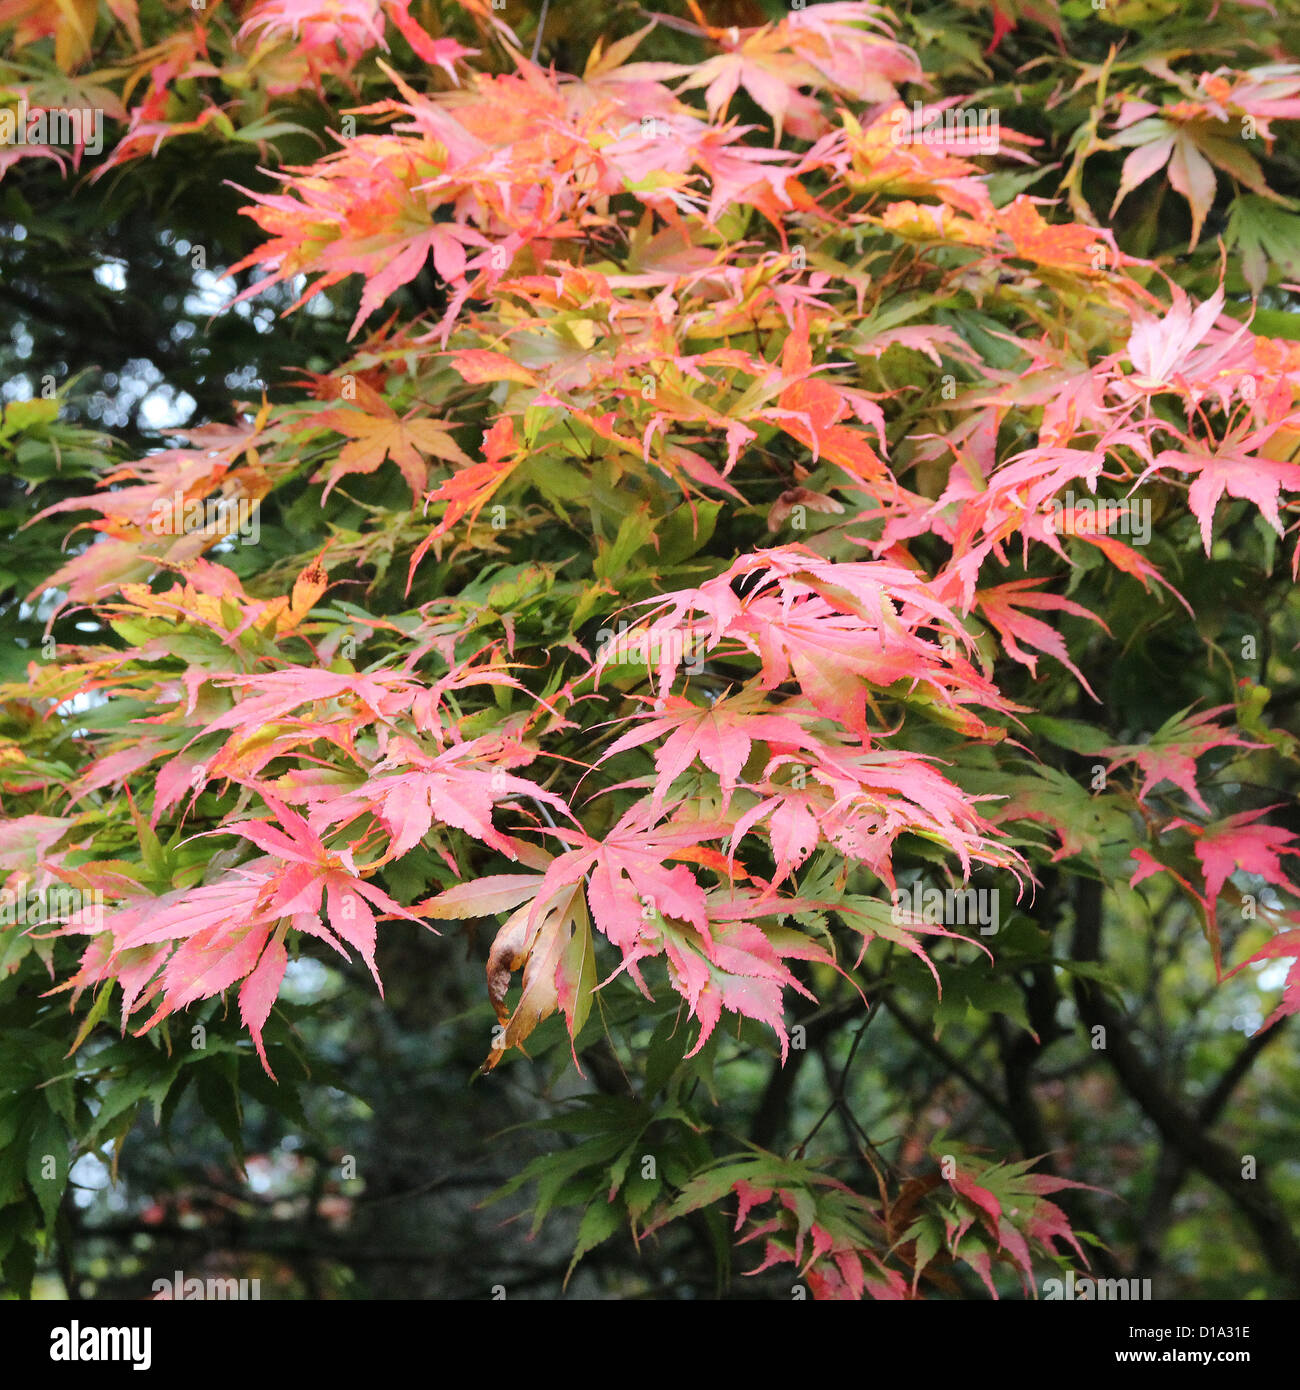 Acer Palmatum Atropurpureum Red Leaf Japanese Maple In Autumn